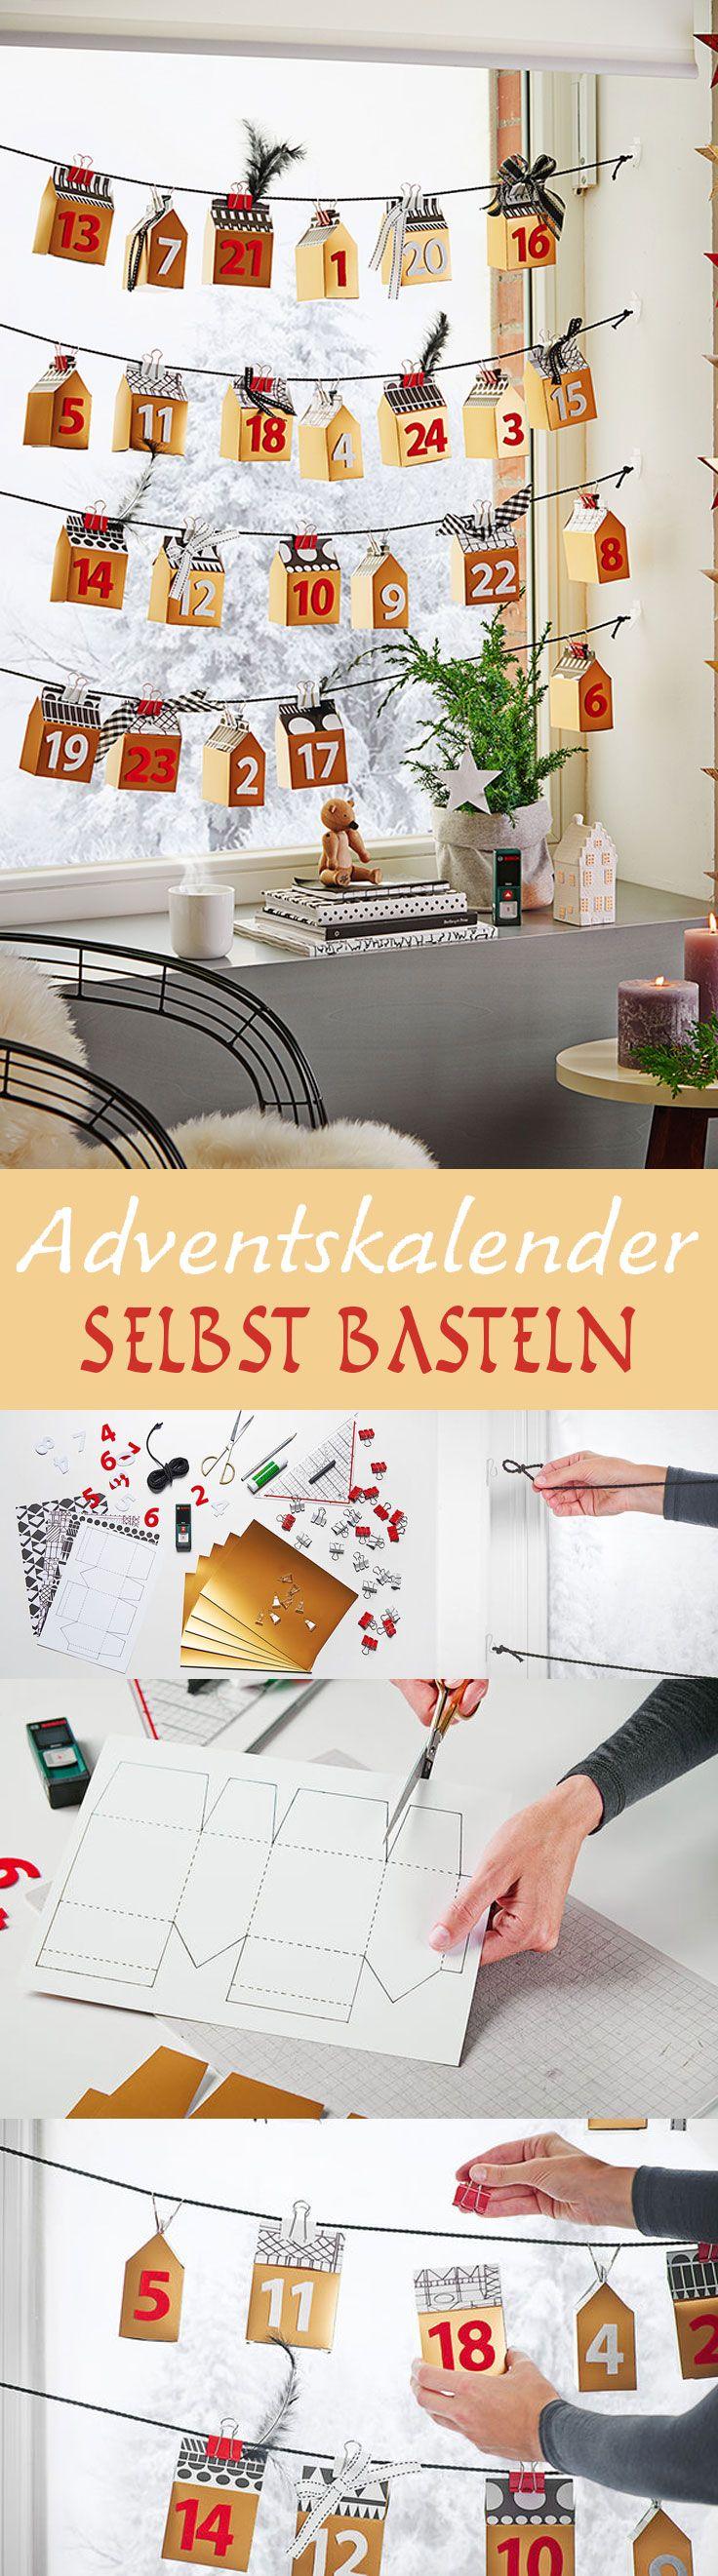 adventskalender gibt es zuhauf in den l den zu kaufen viel besser kommt aber ein selbst. Black Bedroom Furniture Sets. Home Design Ideas